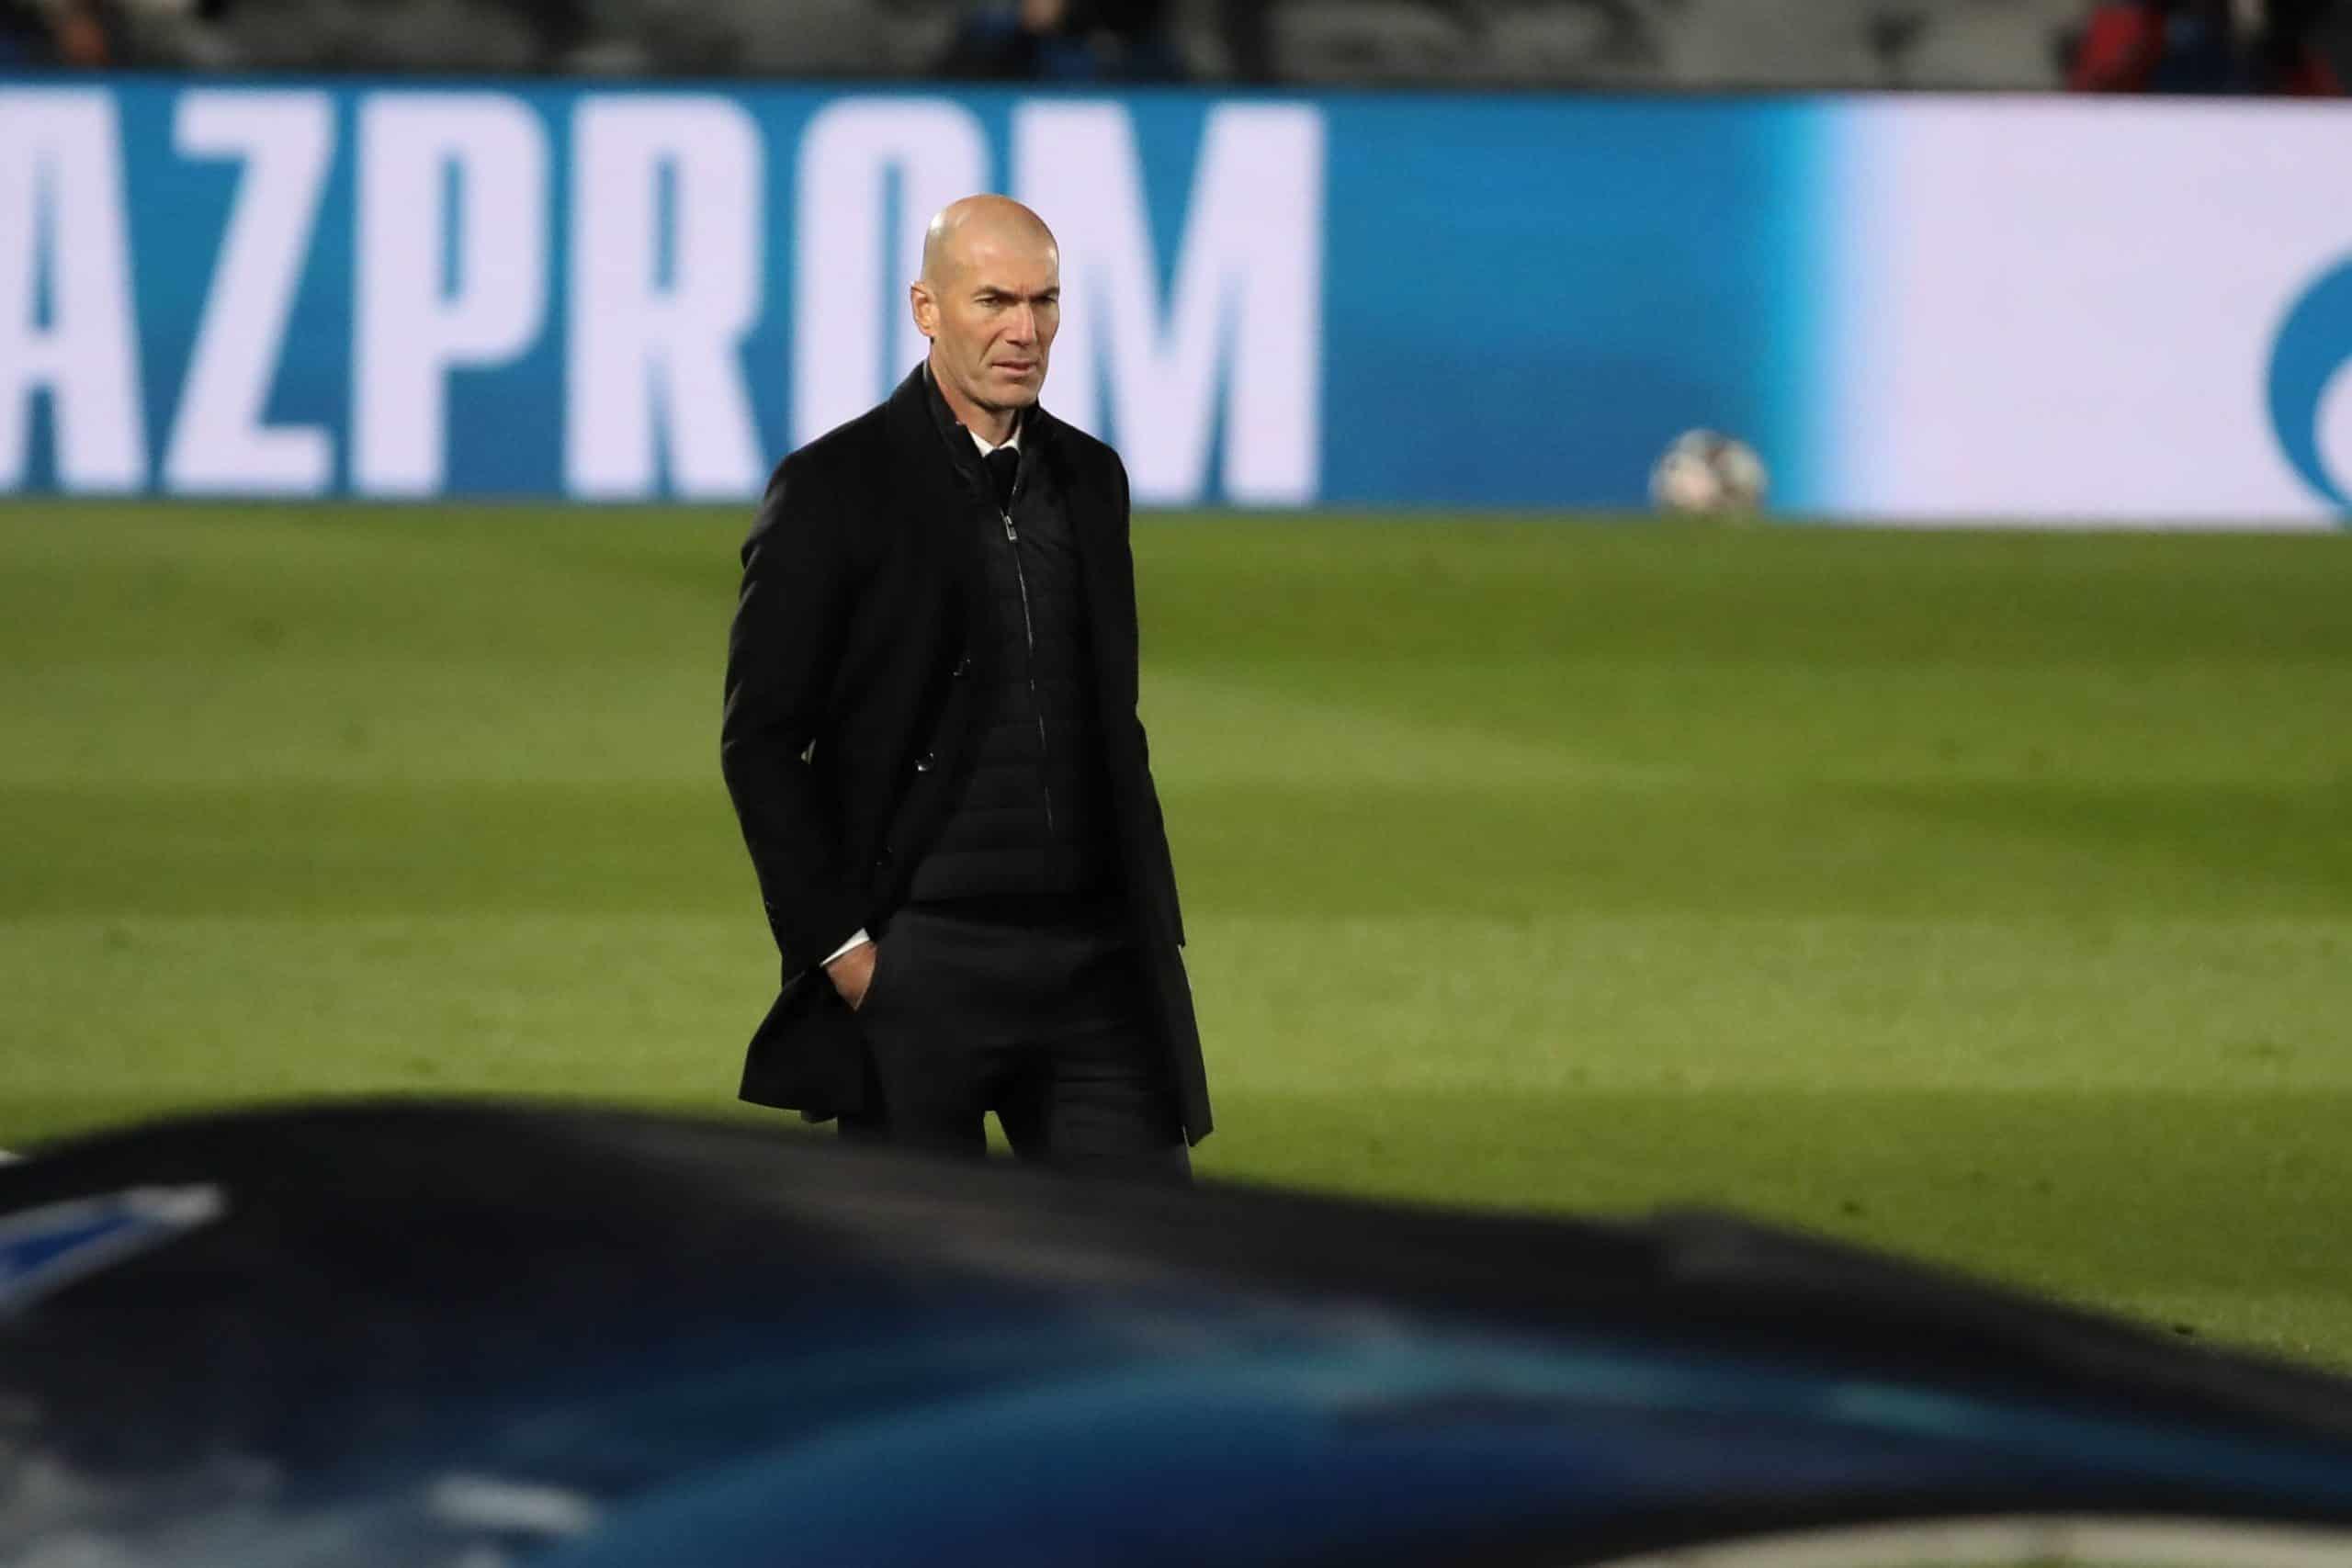 Selección de Francia tendría contemplado contratar a Zidane como nuevo entrenador al terminar la Eurocopa 2022